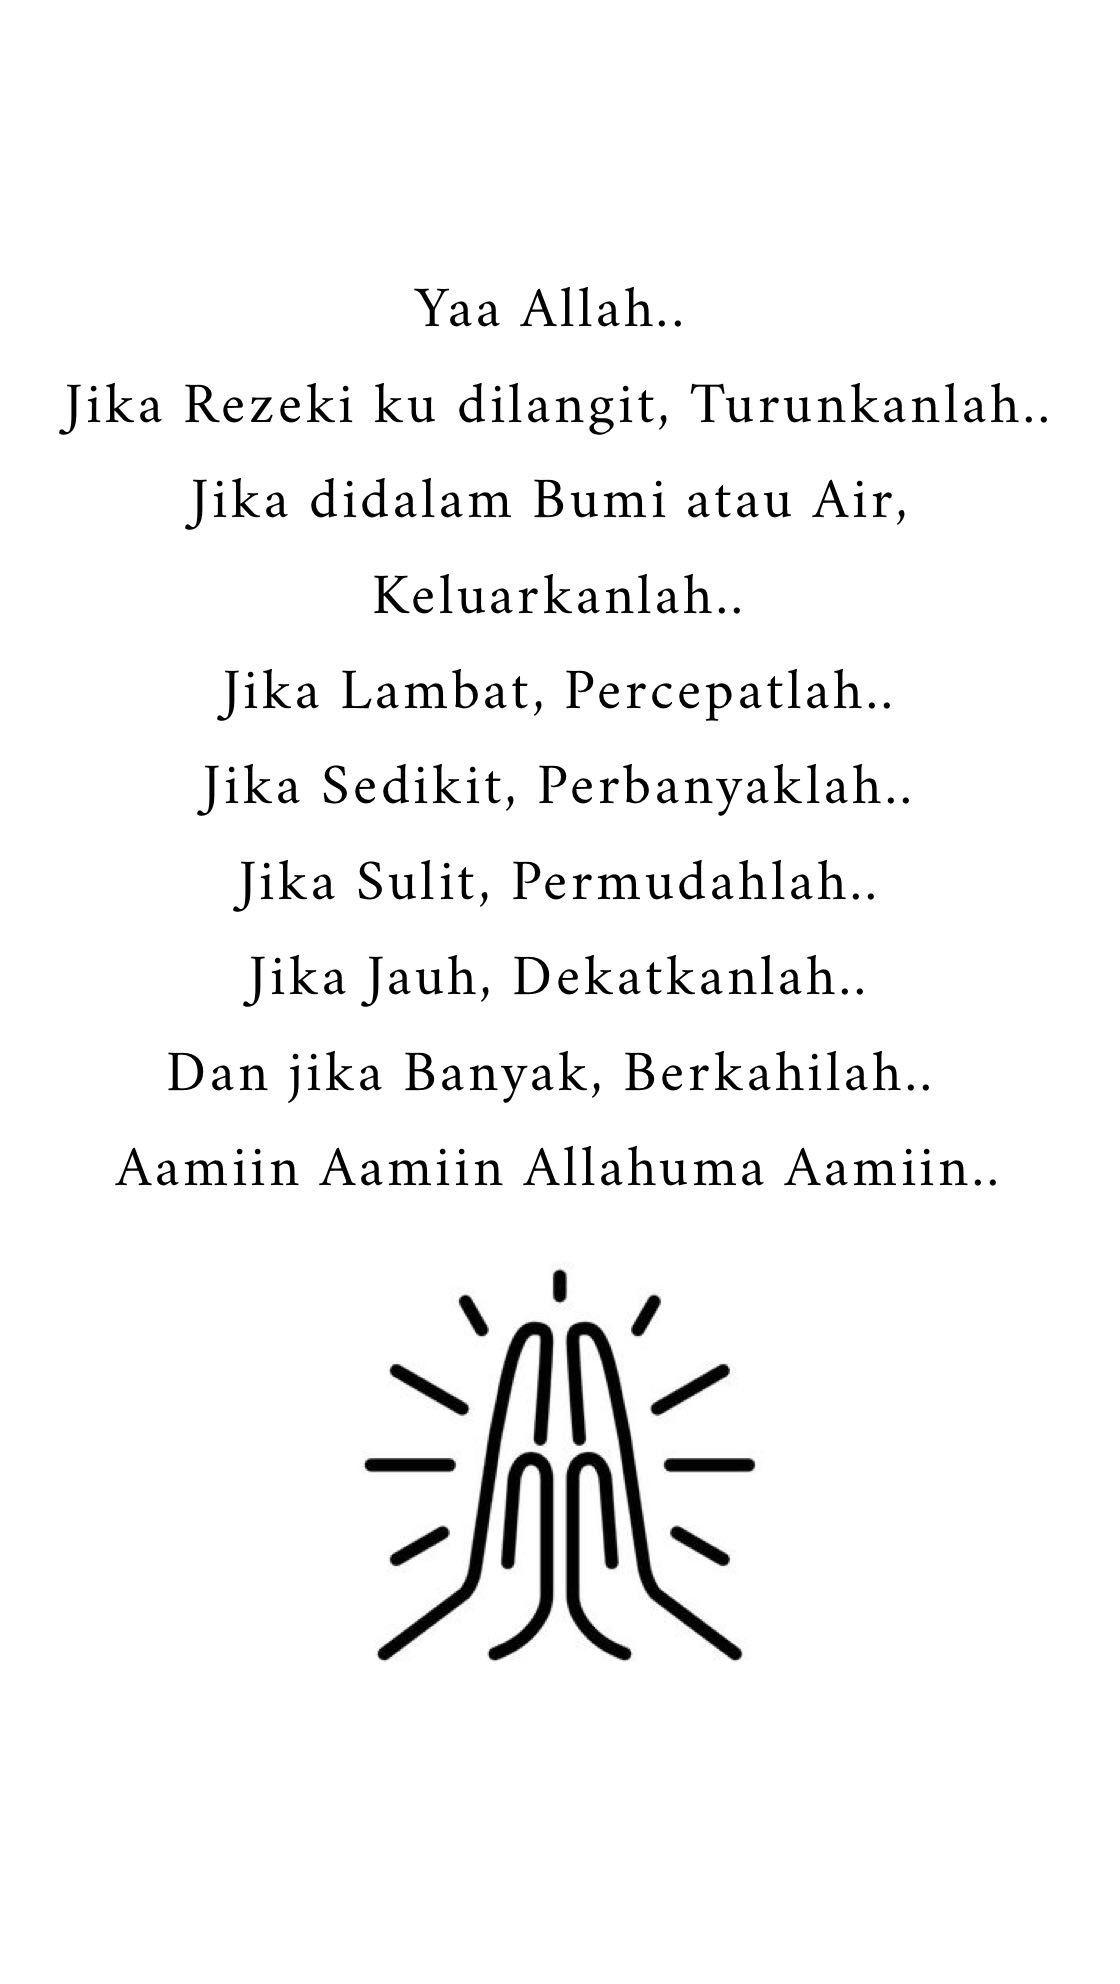 Kata Mutiara Rezeki : mutiara, rezeki, Rezeki, Kata-kata, Mutiara,, Indah,, Motivasi